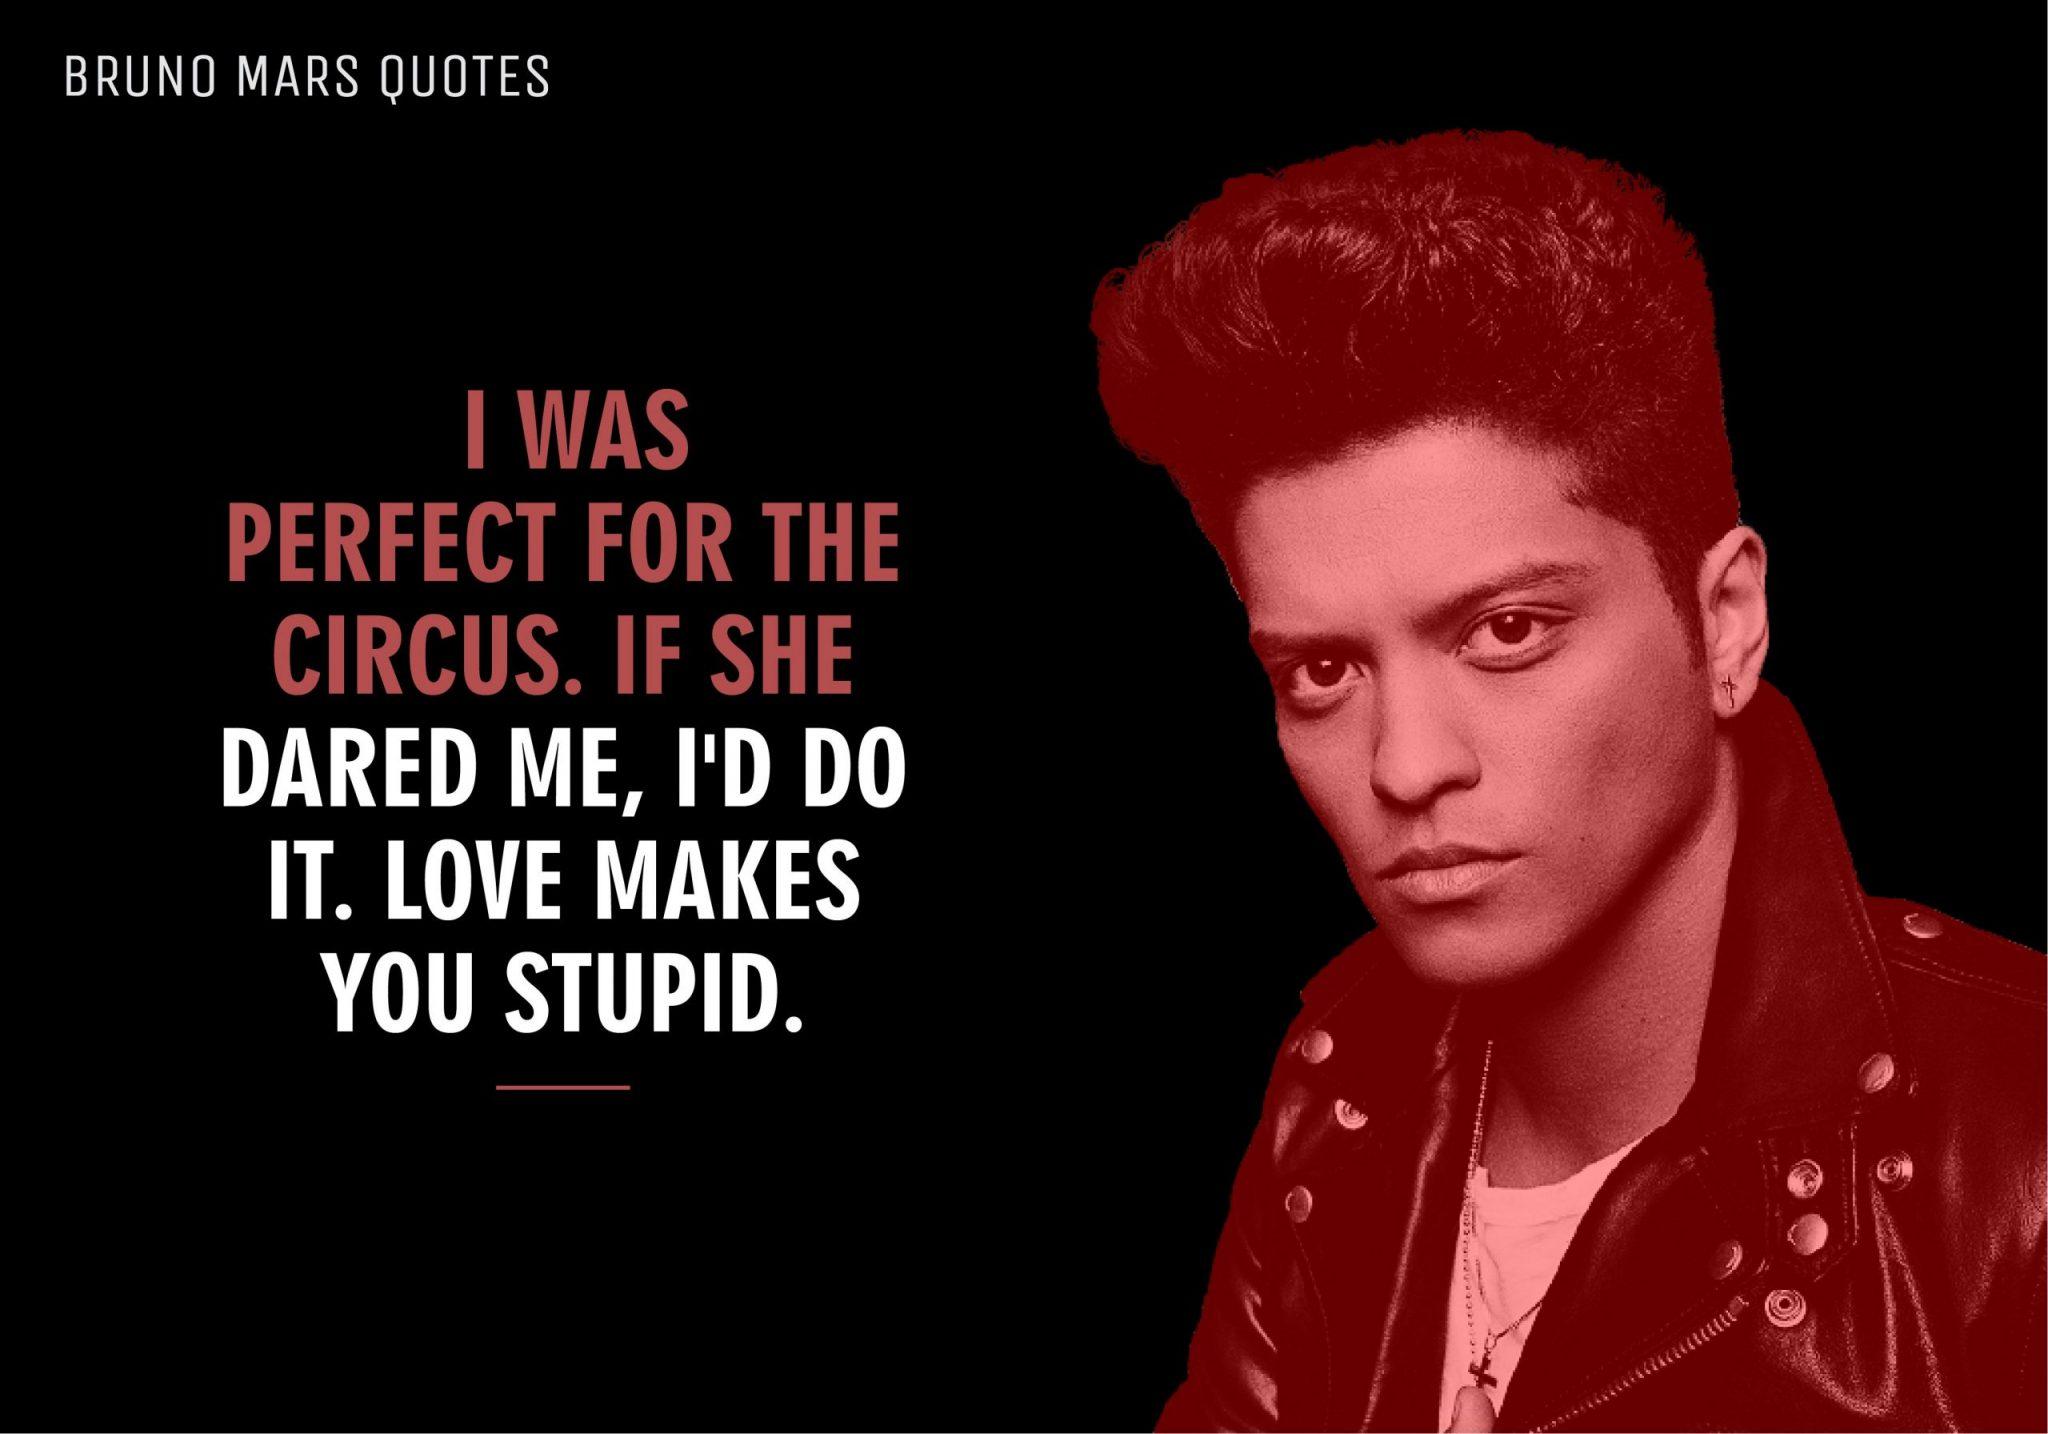 Bruno Mars Quotes (4)